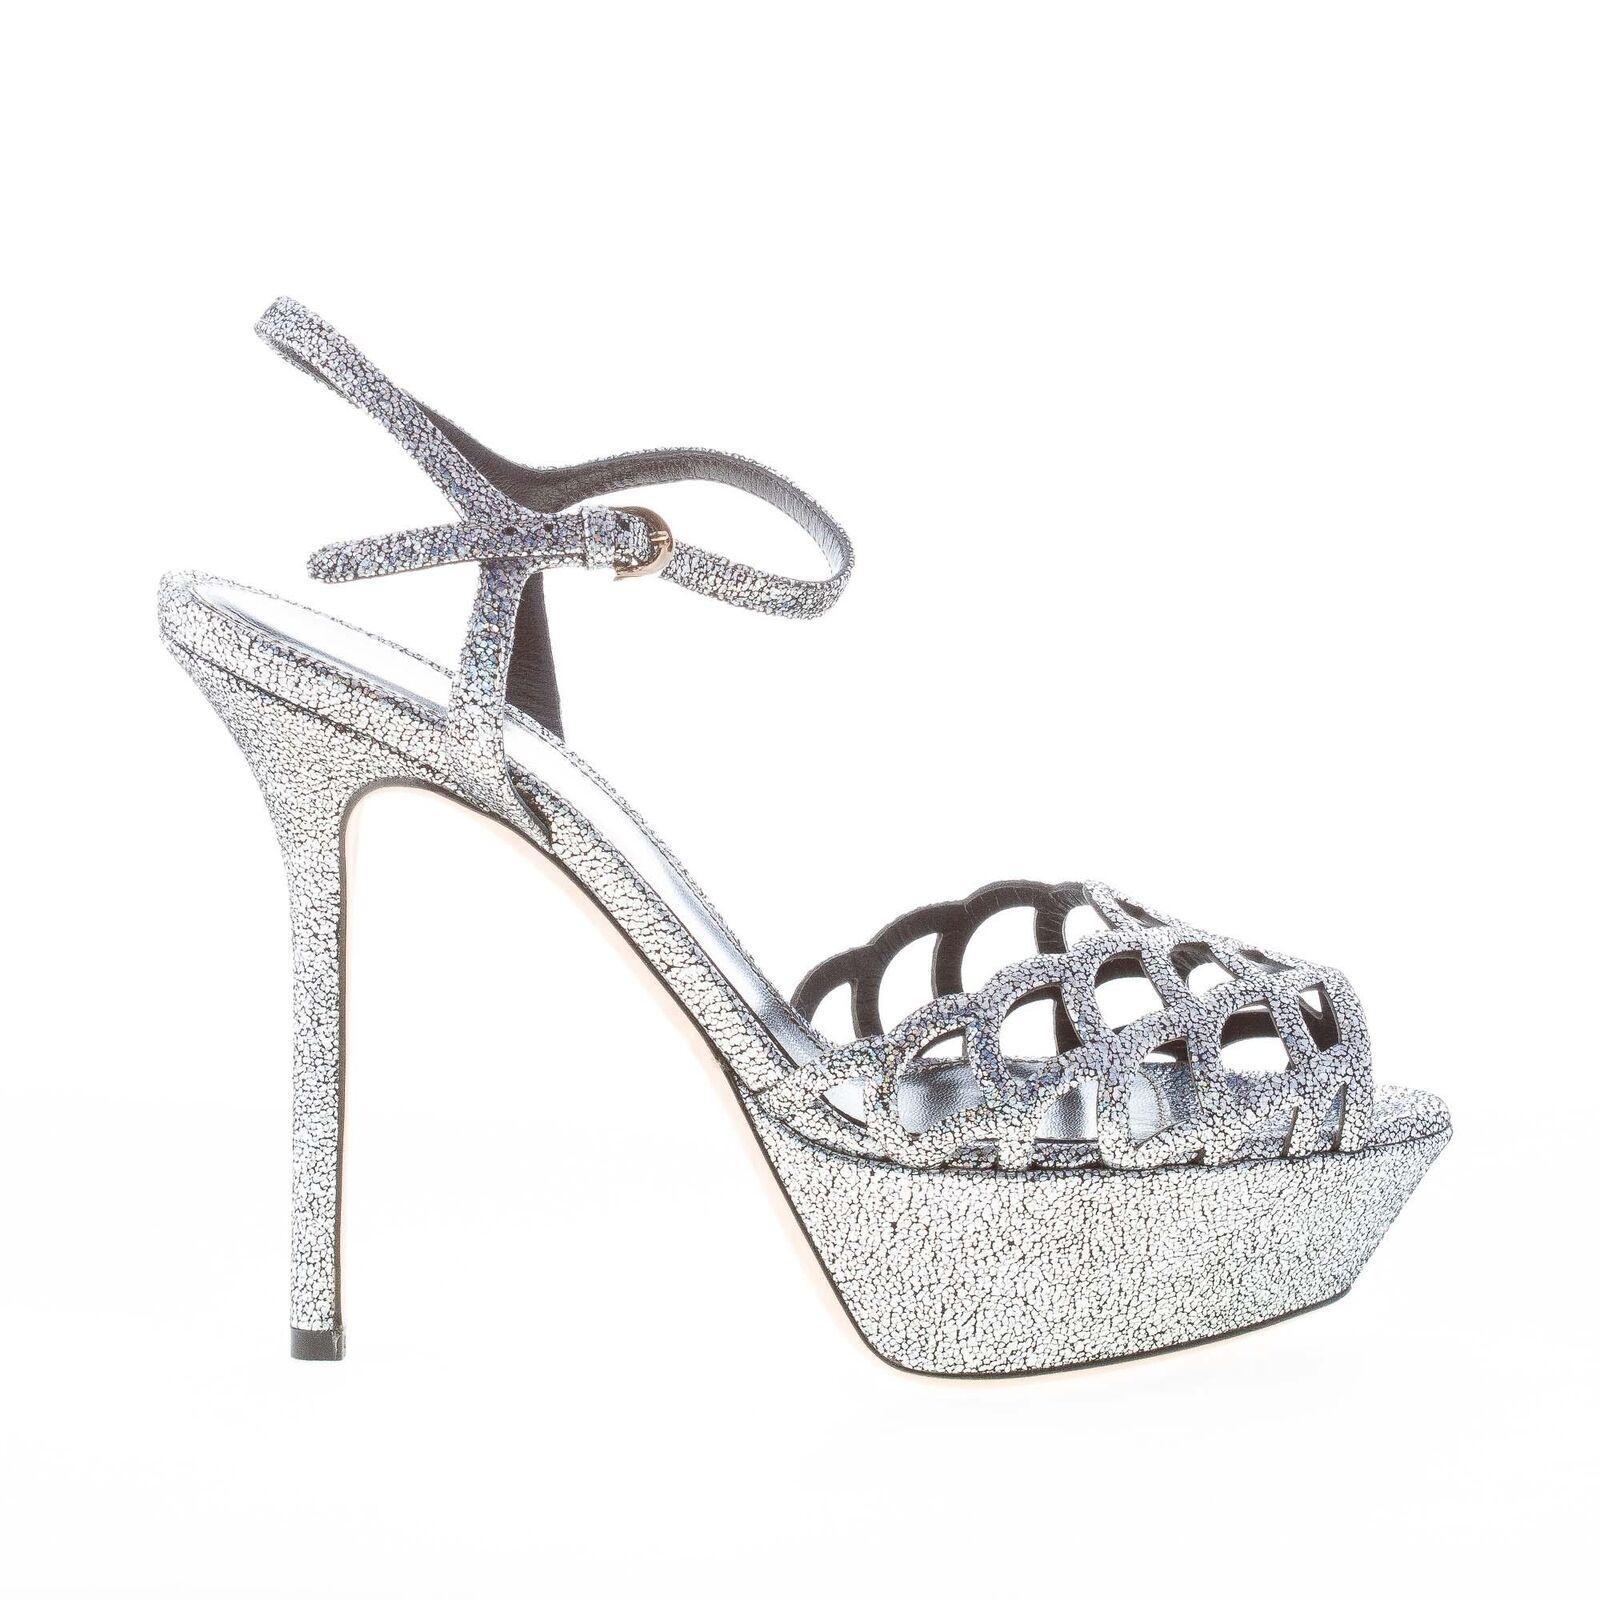 Sergio Rossi Zapatos Mujer Mujer Mujer Plata Efecto Cuero Sandalia Peep Toe Brillante  descuento de bajo precio